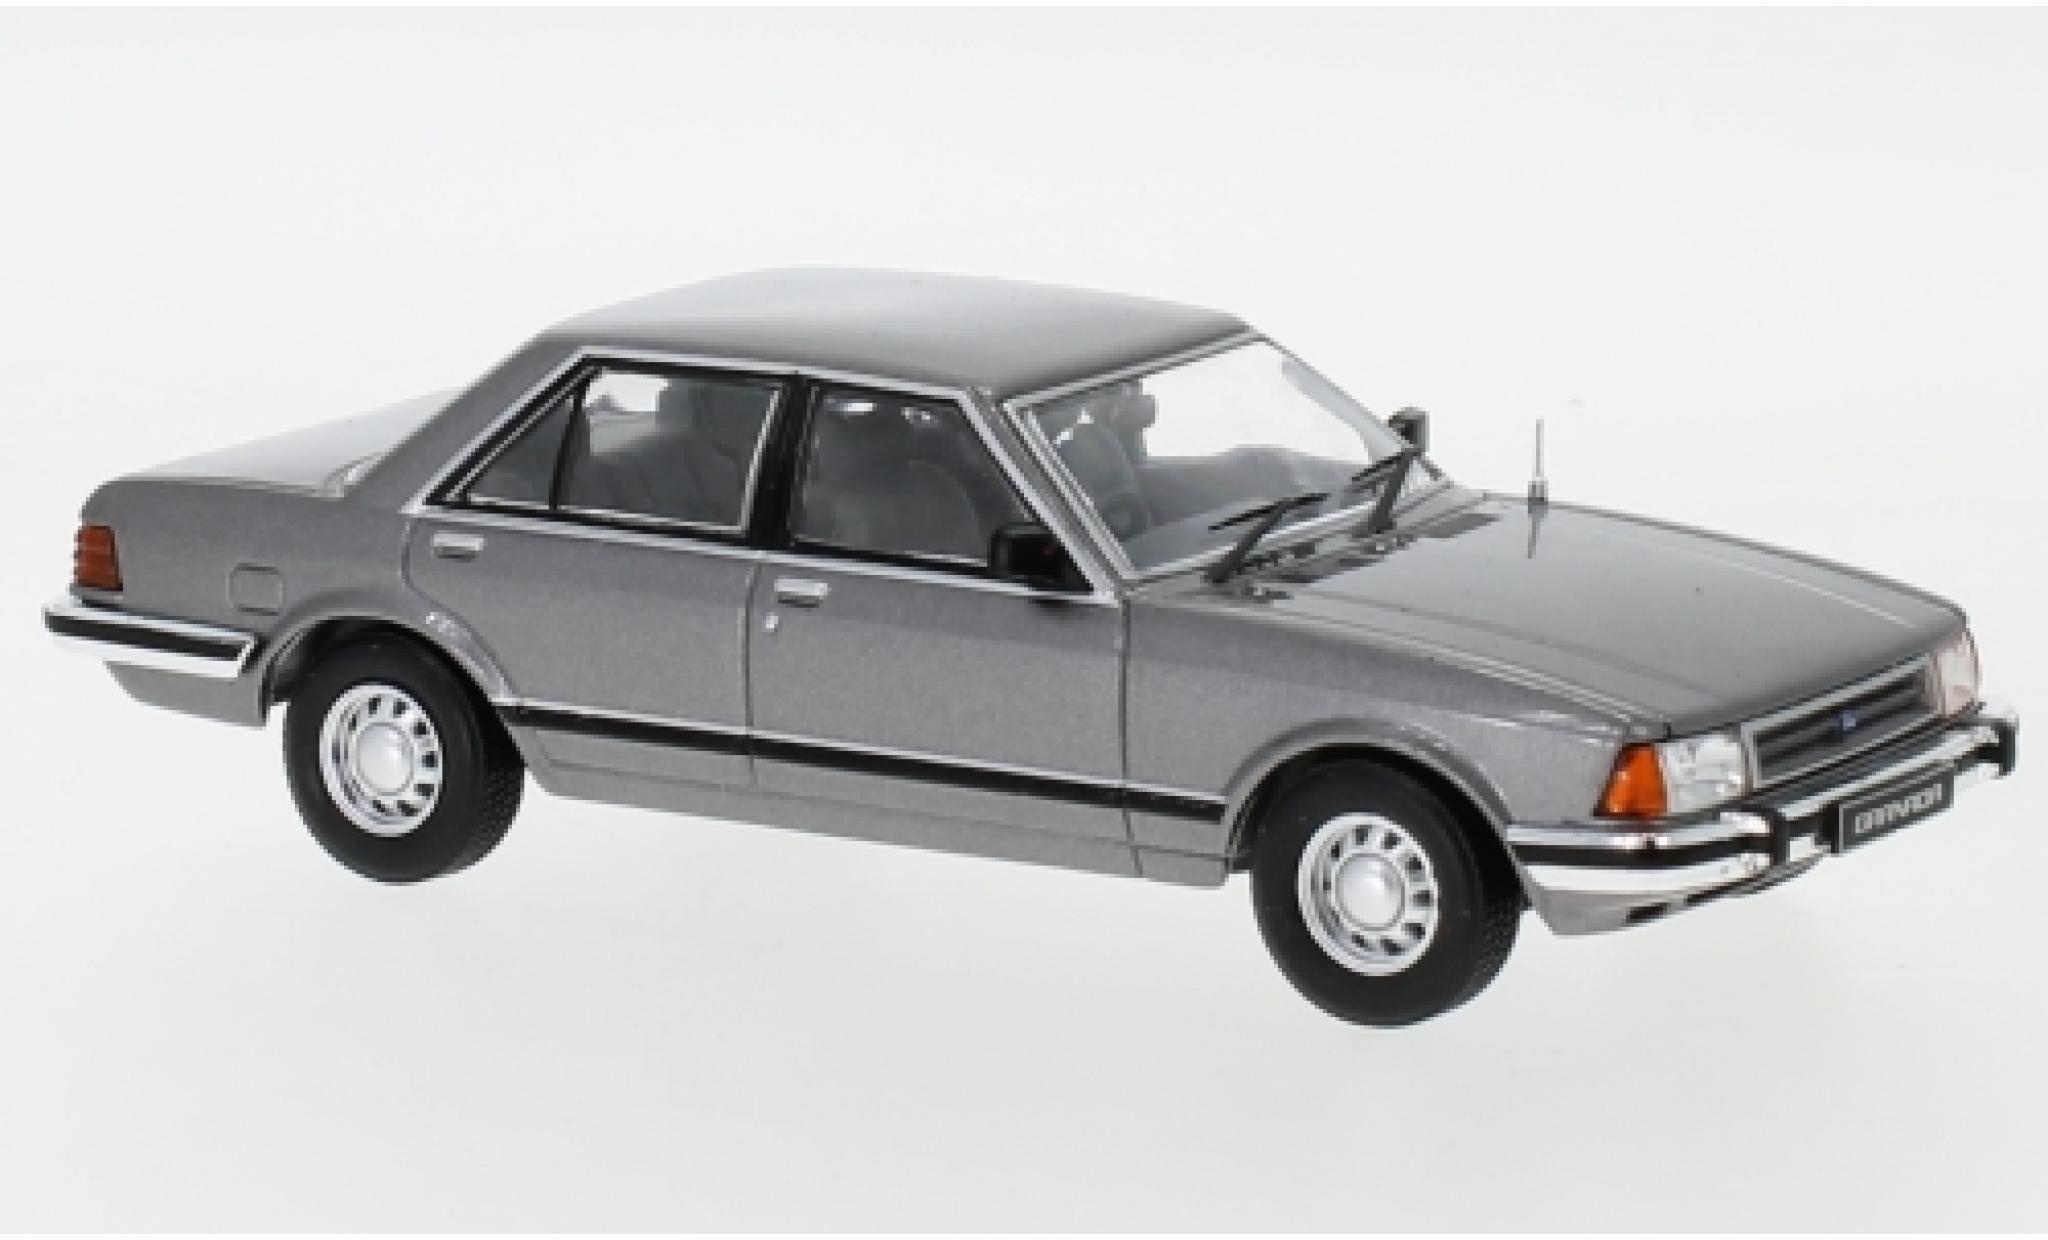 Ford Granada 1/43 IXO MKII 2.8 GL metallise grise RHD 1982